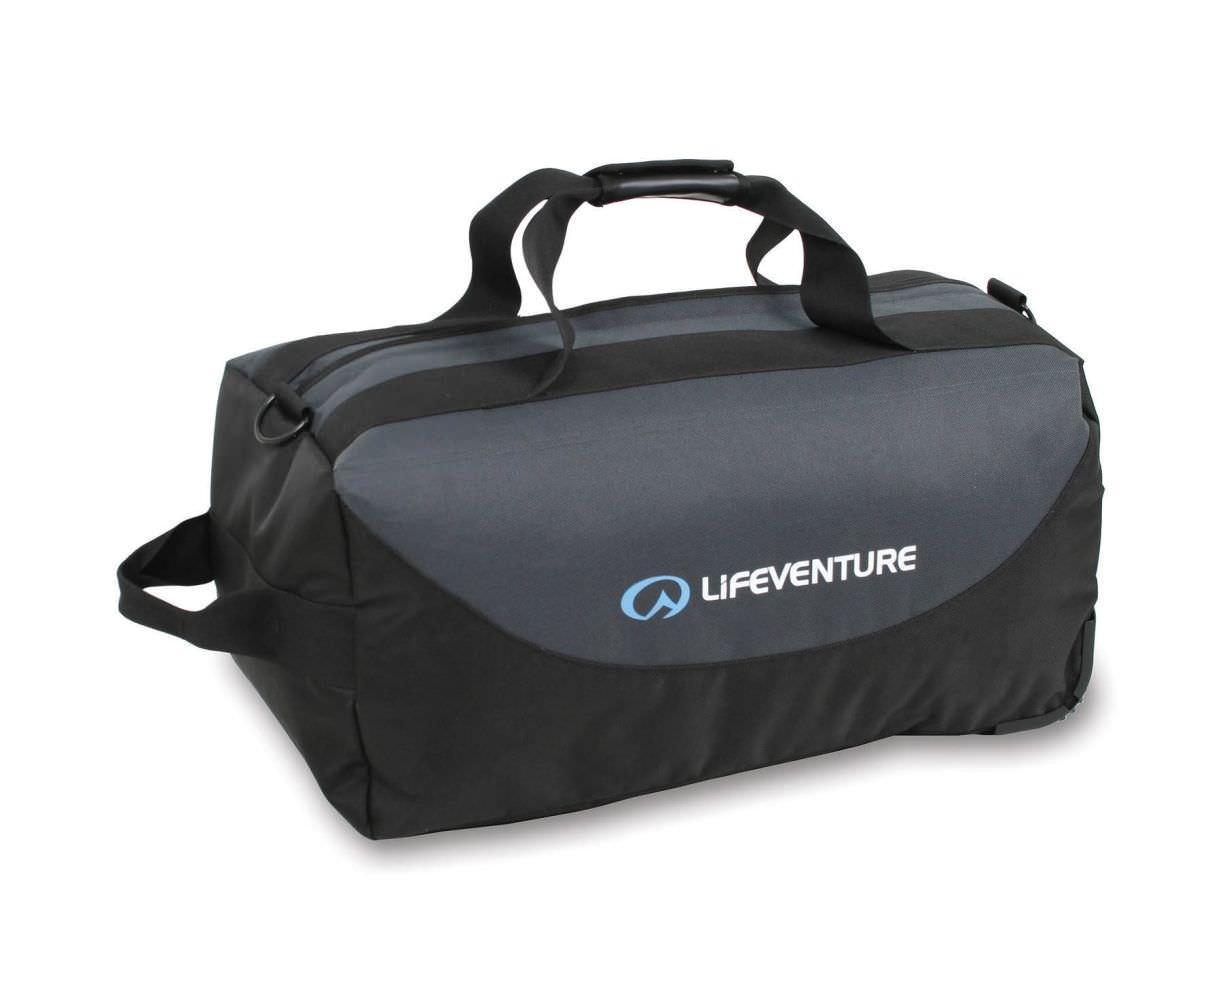 Lifeventure Reisetasche 120 Liter mit Rollen